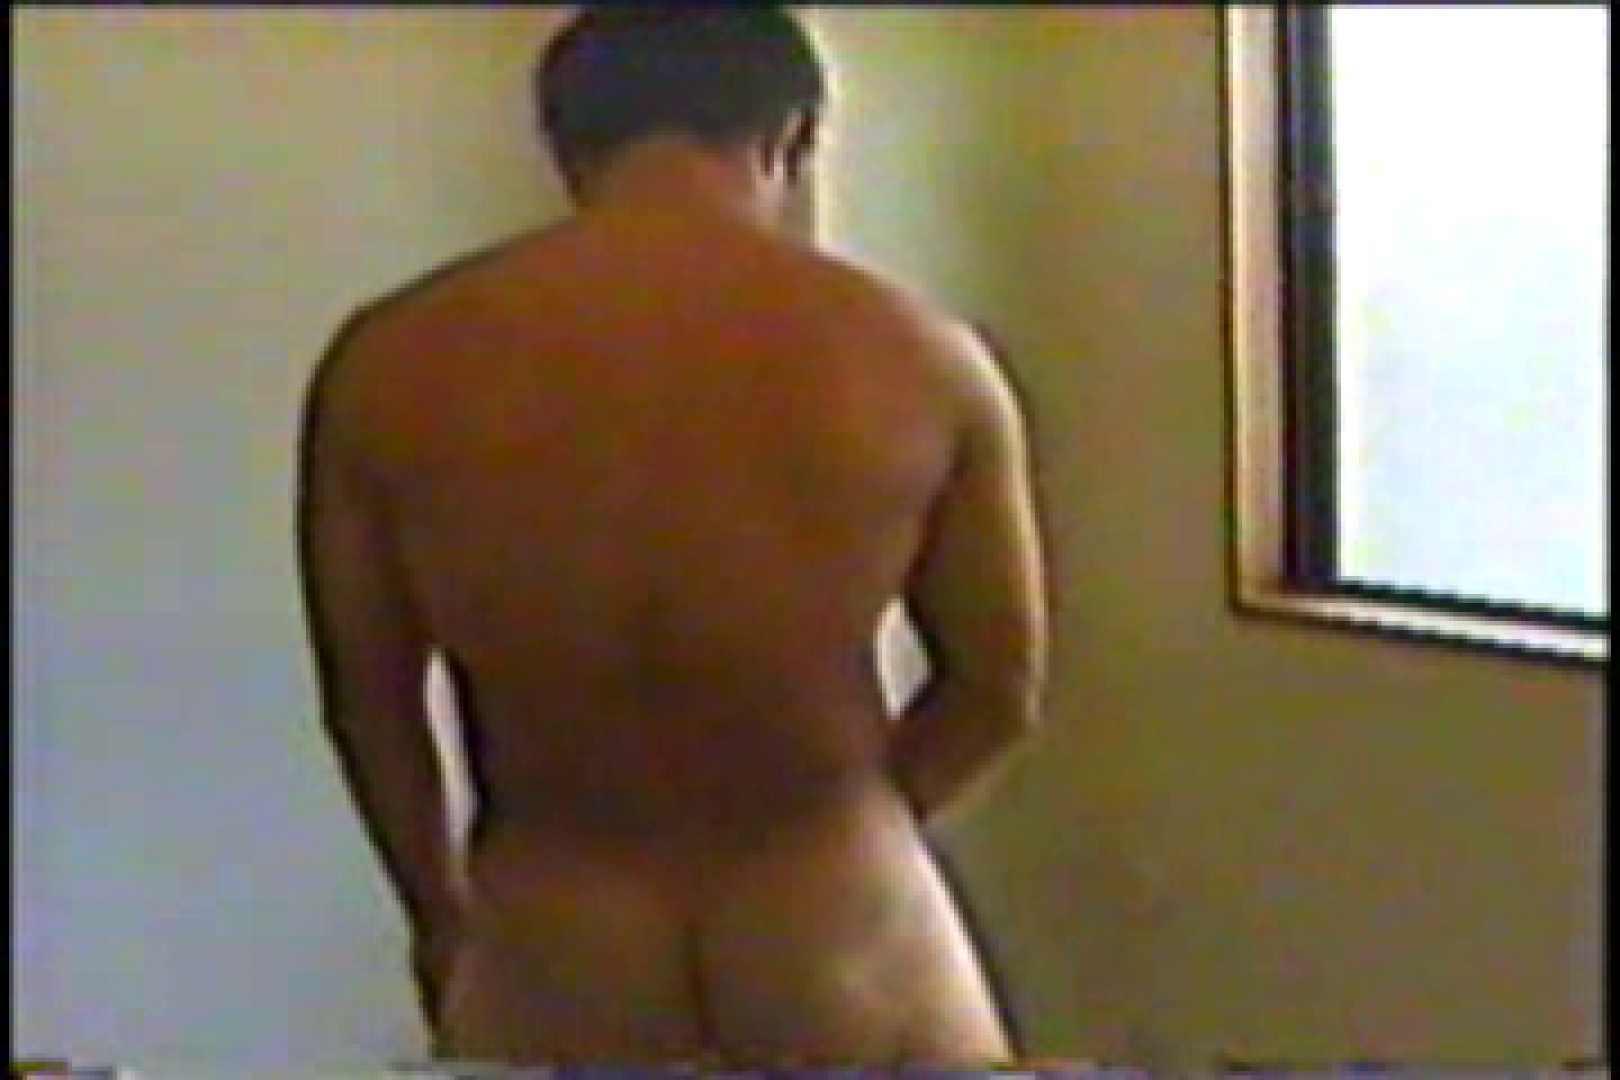 『ノンケ・スポーツマンシップとは・・・! ! 』 第4戦 体育会系のゲイ達 ゲイセックス画像 94枚 75